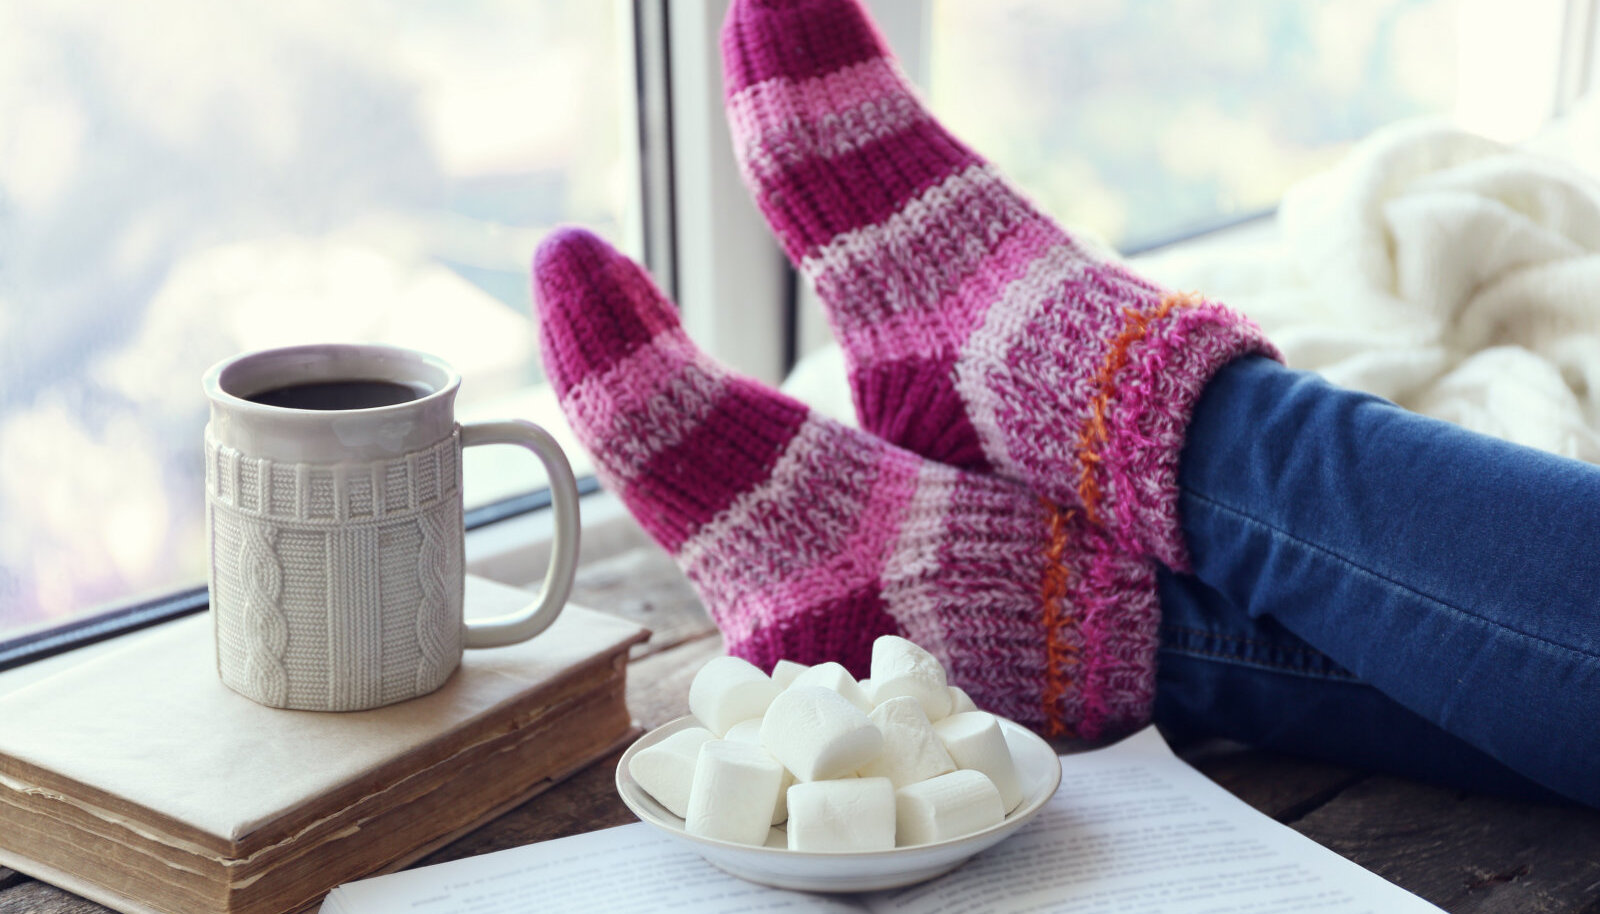 Külmal talvel on abi nii soojast joogist kui ka villastest sokkidest. Isegi üks ainus sokk võib olla oluliselt abiks aga mitte jalga pannes.